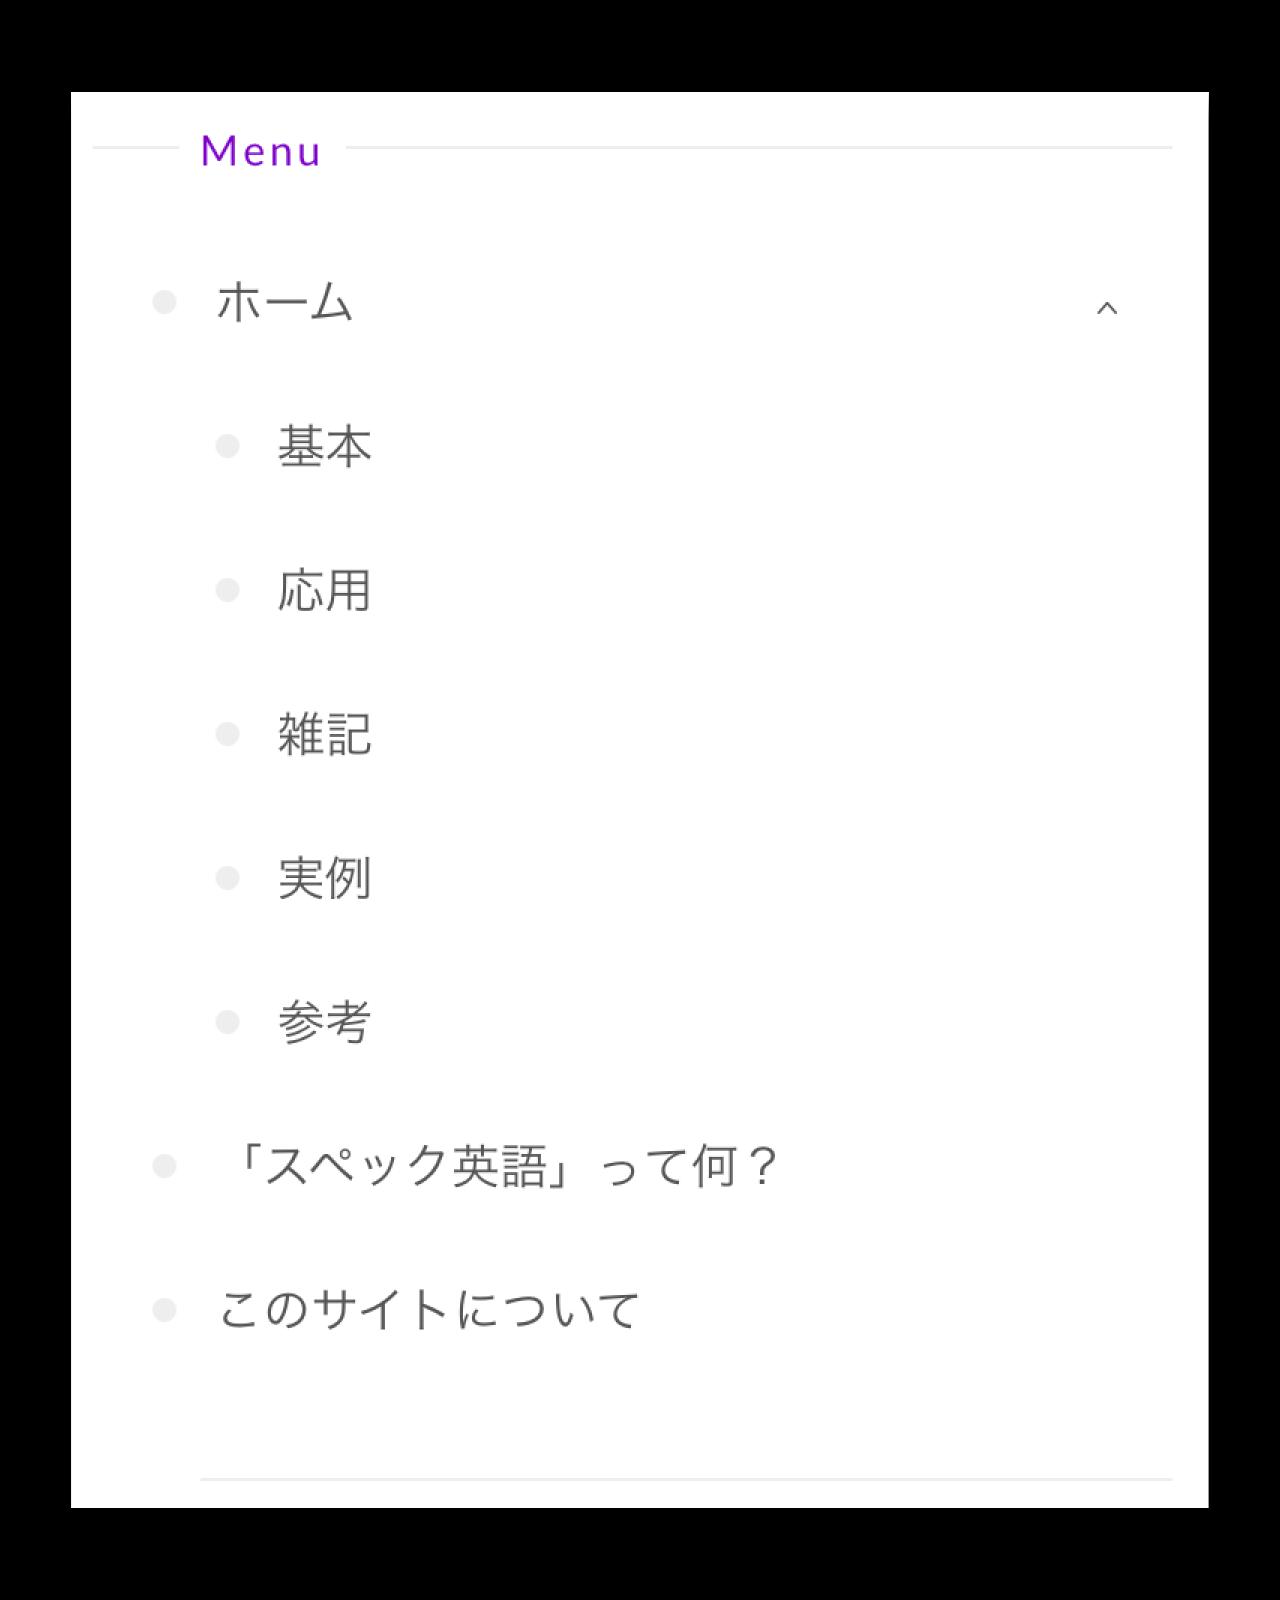 カテゴリー選択:macOS(2)